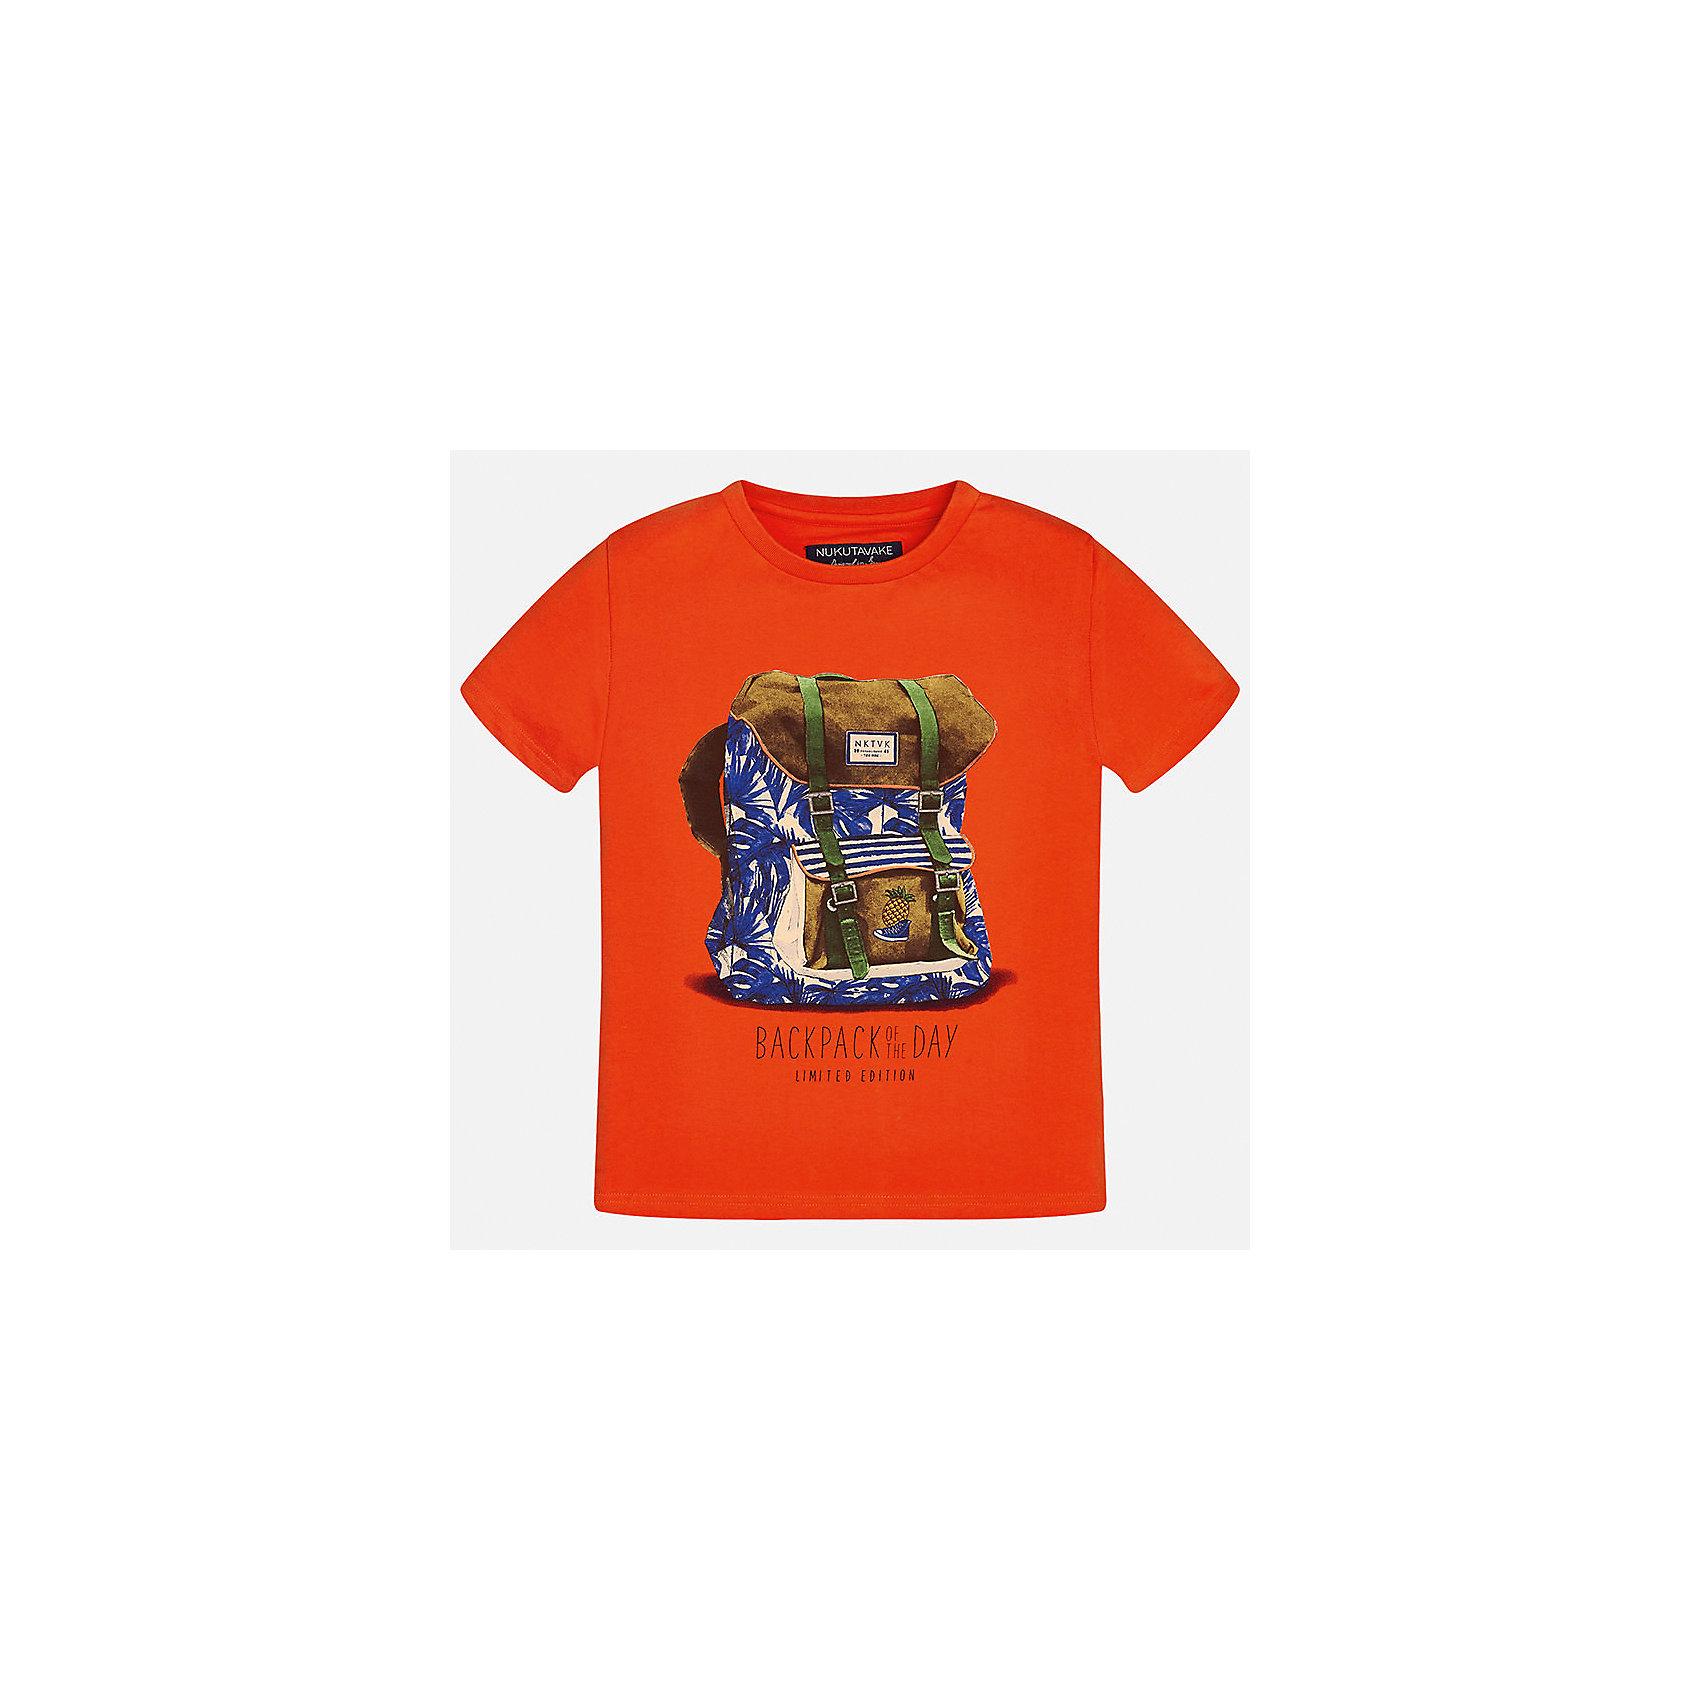 Футболка для мальчика MayoralХарактеристики товара:<br><br>• цвет: красный<br>• состав: 100% хлопок<br>• круглый горловой вырез<br>• декорирована принтом<br>• короткие рукава<br>• мягкая отделка горловины<br>• страна бренда: Испания<br><br>Стильная удобная футболка с принтом поможет разнообразить гардероб мальчика. Она отлично сочетается с брюками, шортами, джинсами. Универсальный крой и цвет позволяет подобрать к вещи низ разных расцветок. Практичное и стильное изделие! Хорошо смотрится и комфортно сидит на детях. В составе материала - только натуральный хлопок, гипоаллергенный, приятный на ощупь, дышащий. <br><br>Одежда, обувь и аксессуары от испанского бренда Mayoral полюбились детям и взрослым по всему миру. Модели этой марки - стильные и удобные. Для их производства используются только безопасные, качественные материалы и фурнитура. Порадуйте ребенка модными и красивыми вещами от Mayoral! <br><br>Футболку для мальчика от испанского бренда Mayoral (Майорал) можно купить в нашем интернет-магазине.<br><br>Ширина мм: 199<br>Глубина мм: 10<br>Высота мм: 161<br>Вес г: 151<br>Цвет: красный<br>Возраст от месяцев: 84<br>Возраст до месяцев: 96<br>Пол: Мужской<br>Возраст: Детский<br>Размер: 128/134,170,164,158,152,140<br>SKU: 5281309